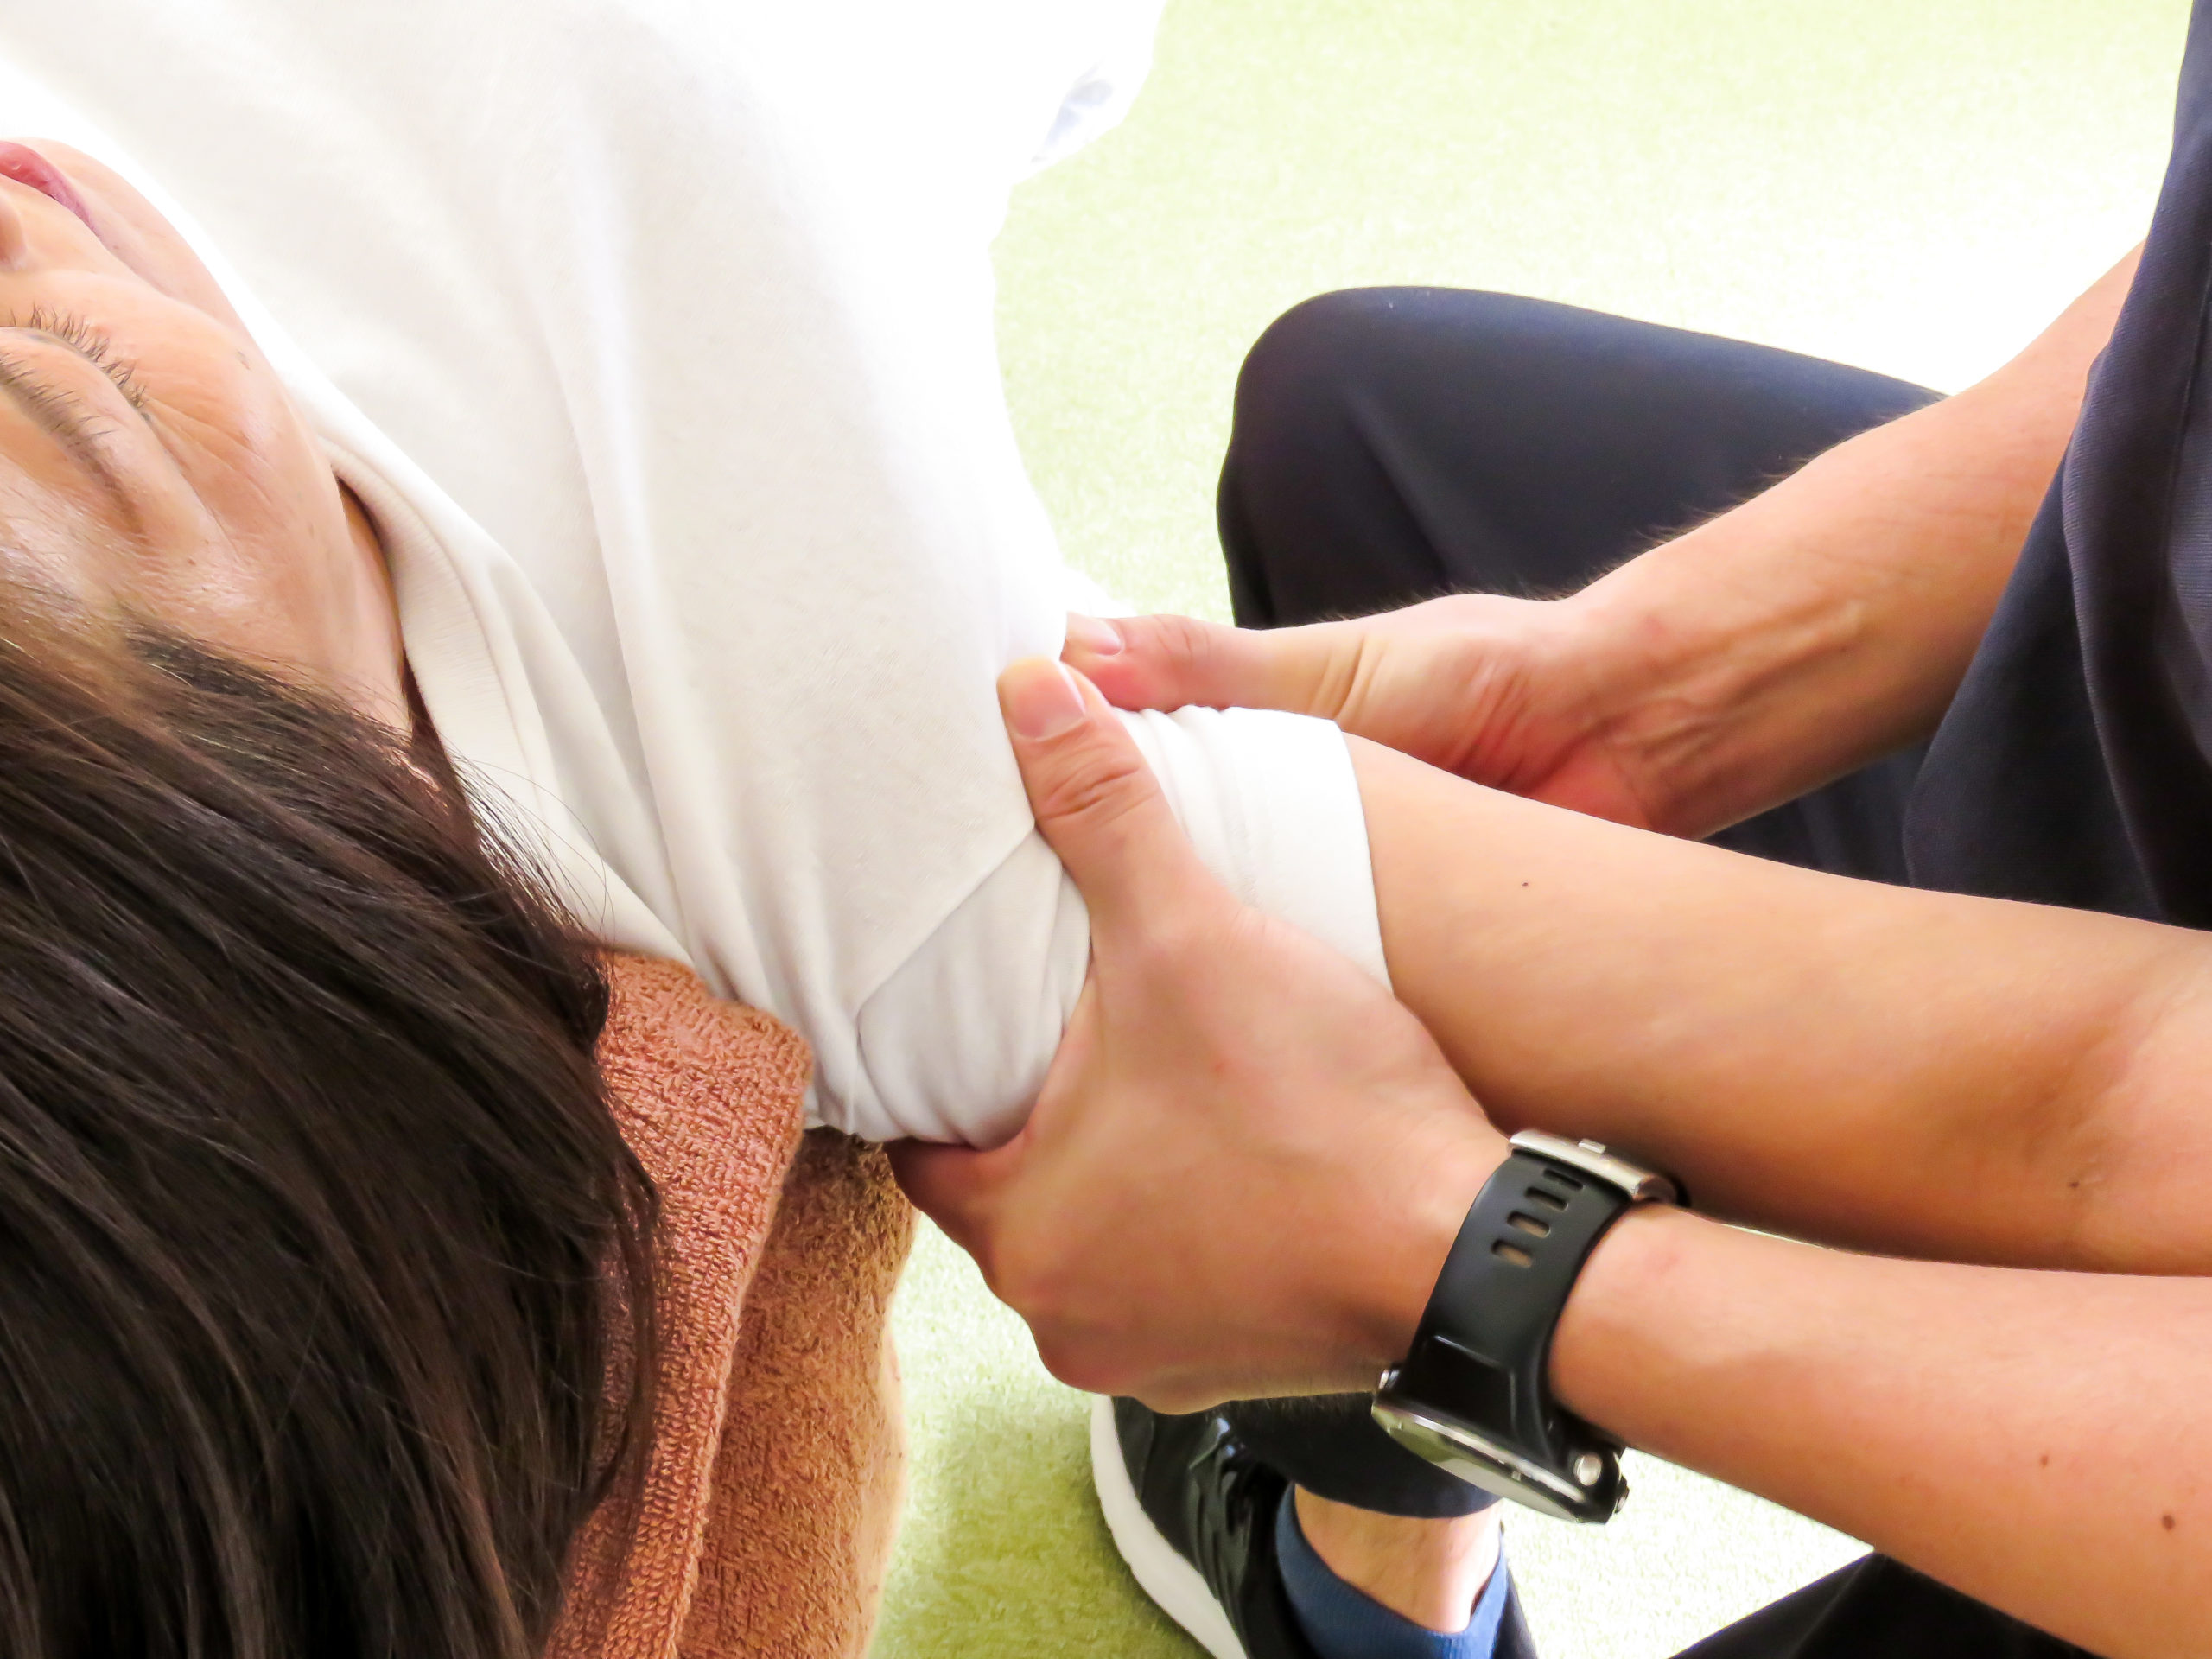 浜松たいかん鍼灸治療院四十肩・五十肩施術